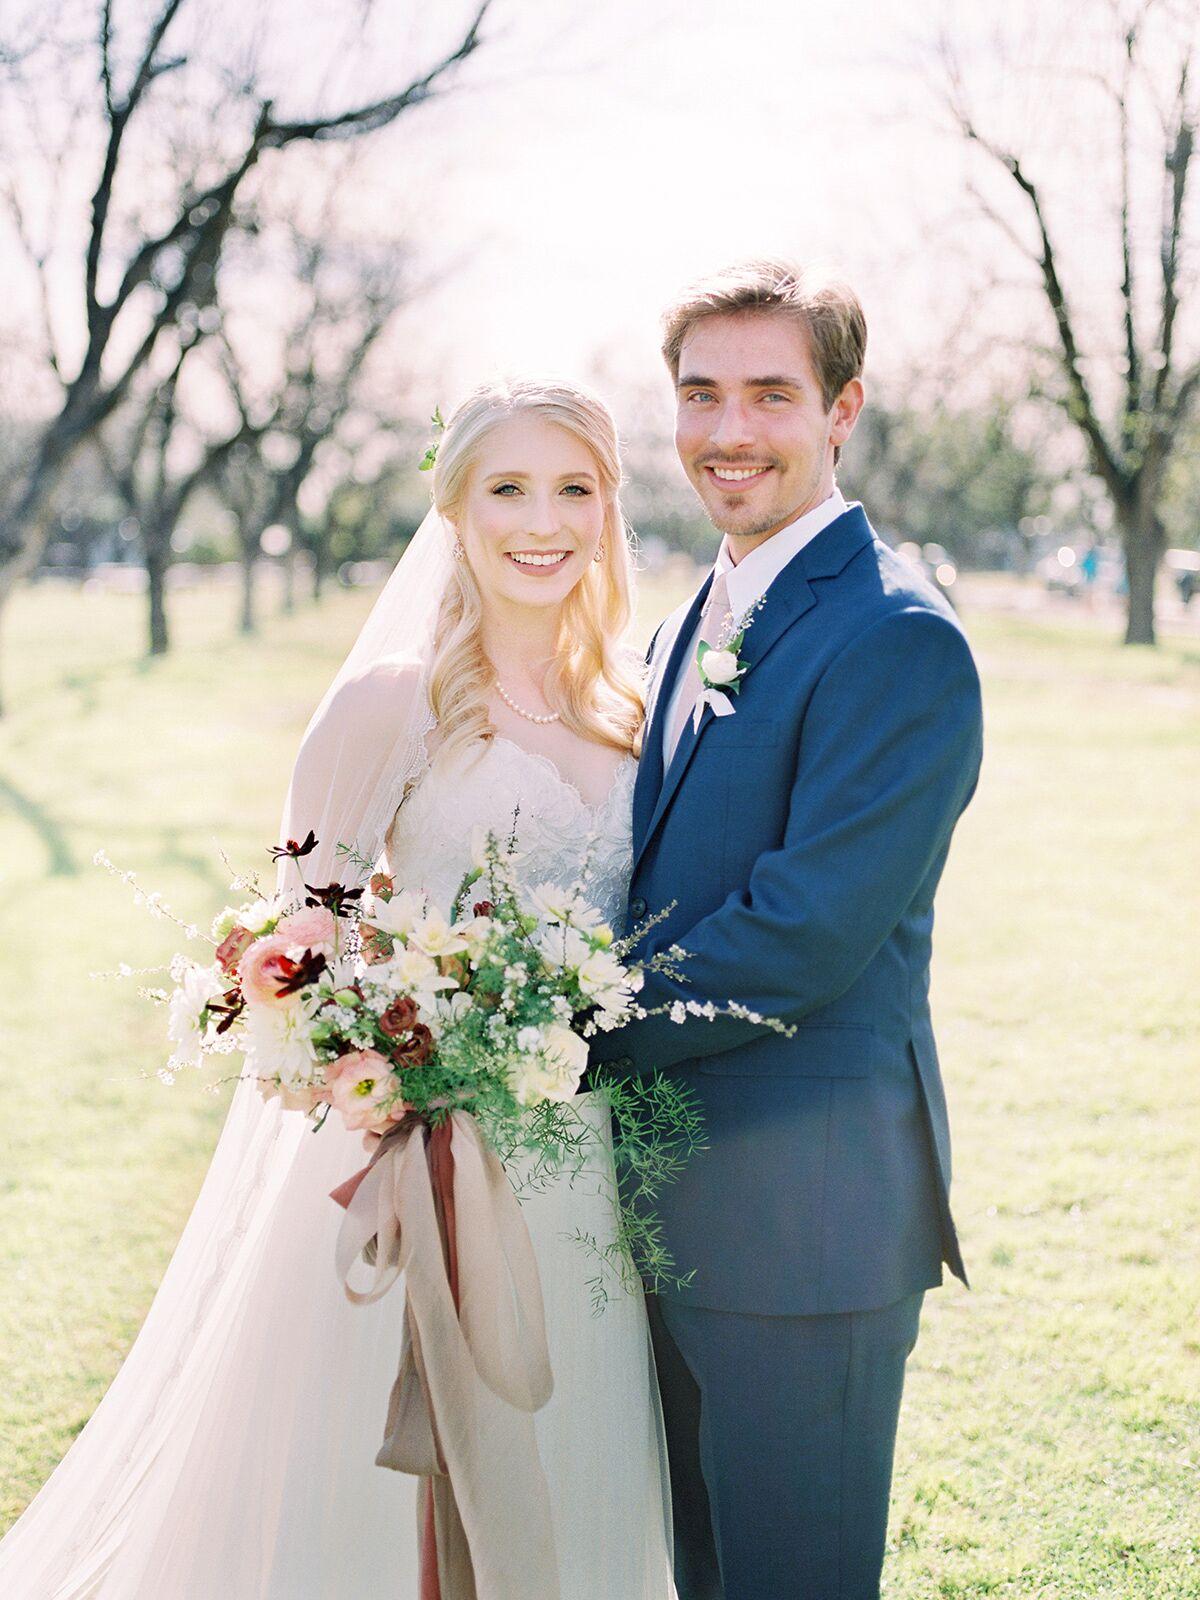 Lukas Wedding - Bride _ Groom-3_preview.jpeg